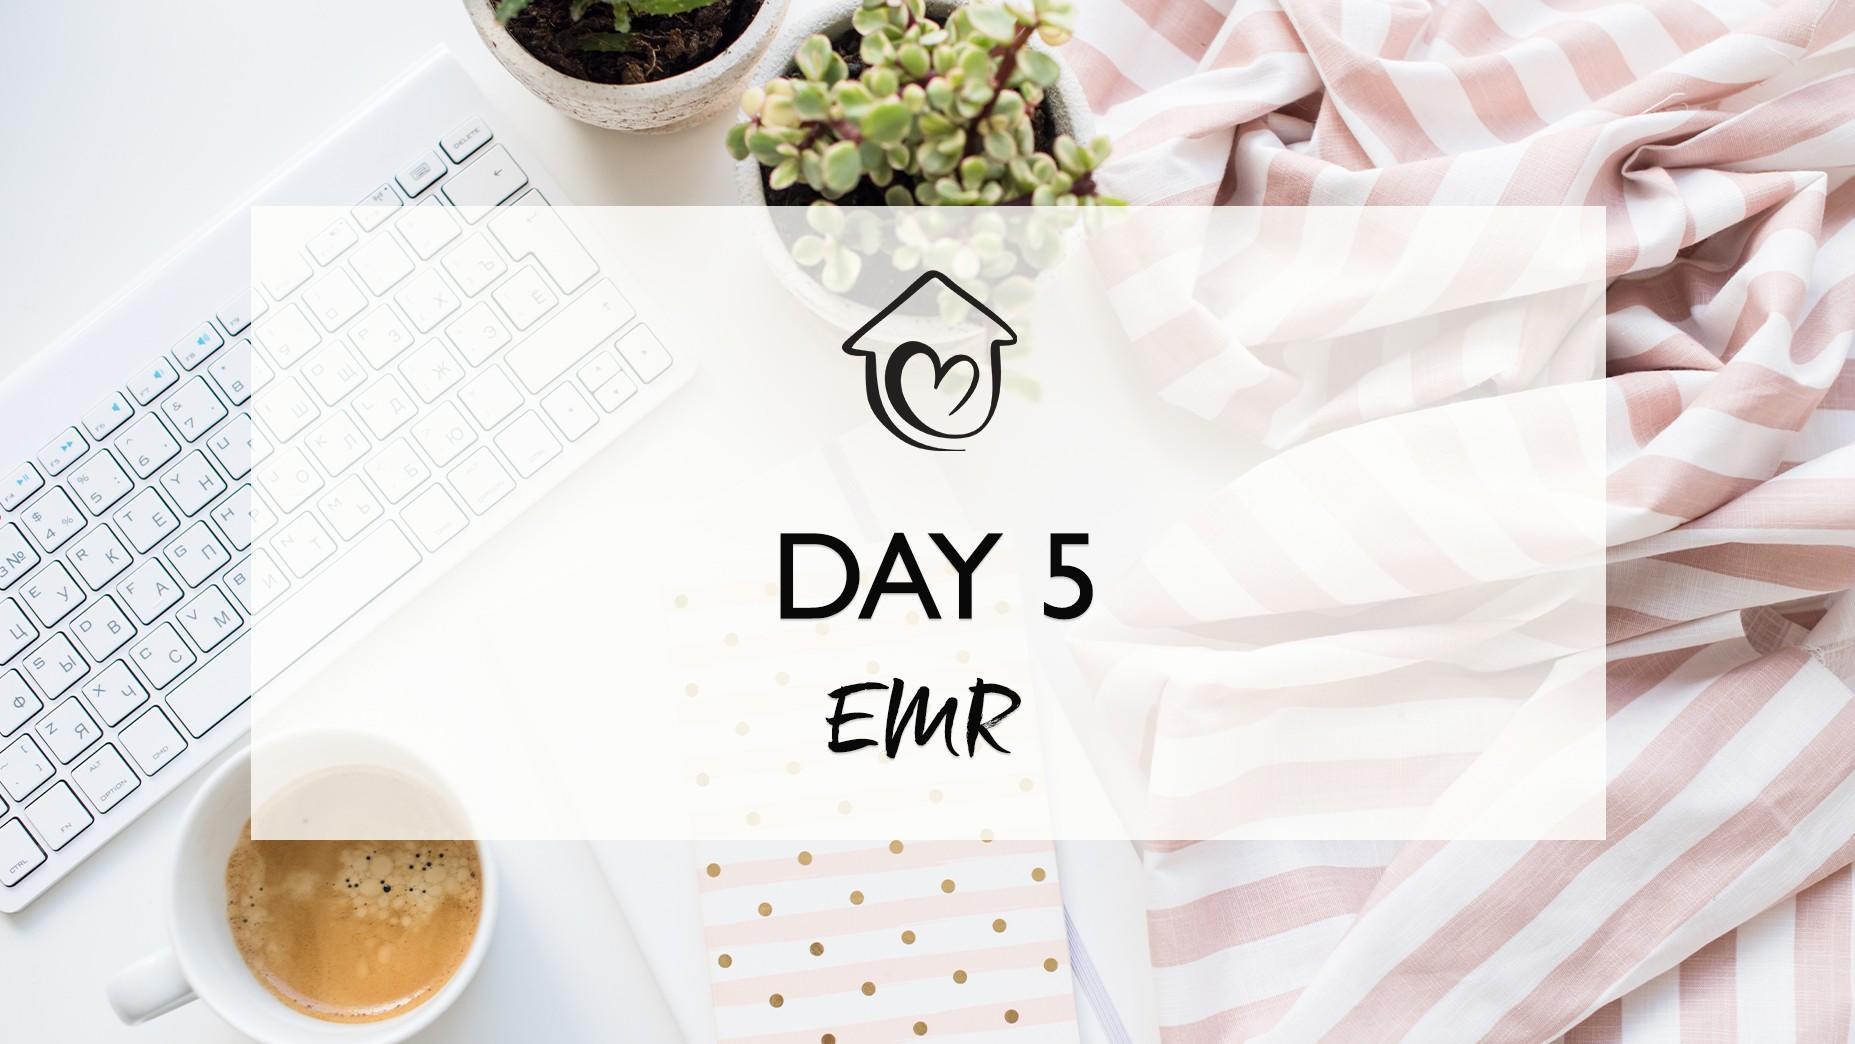 Day 5 - EMR